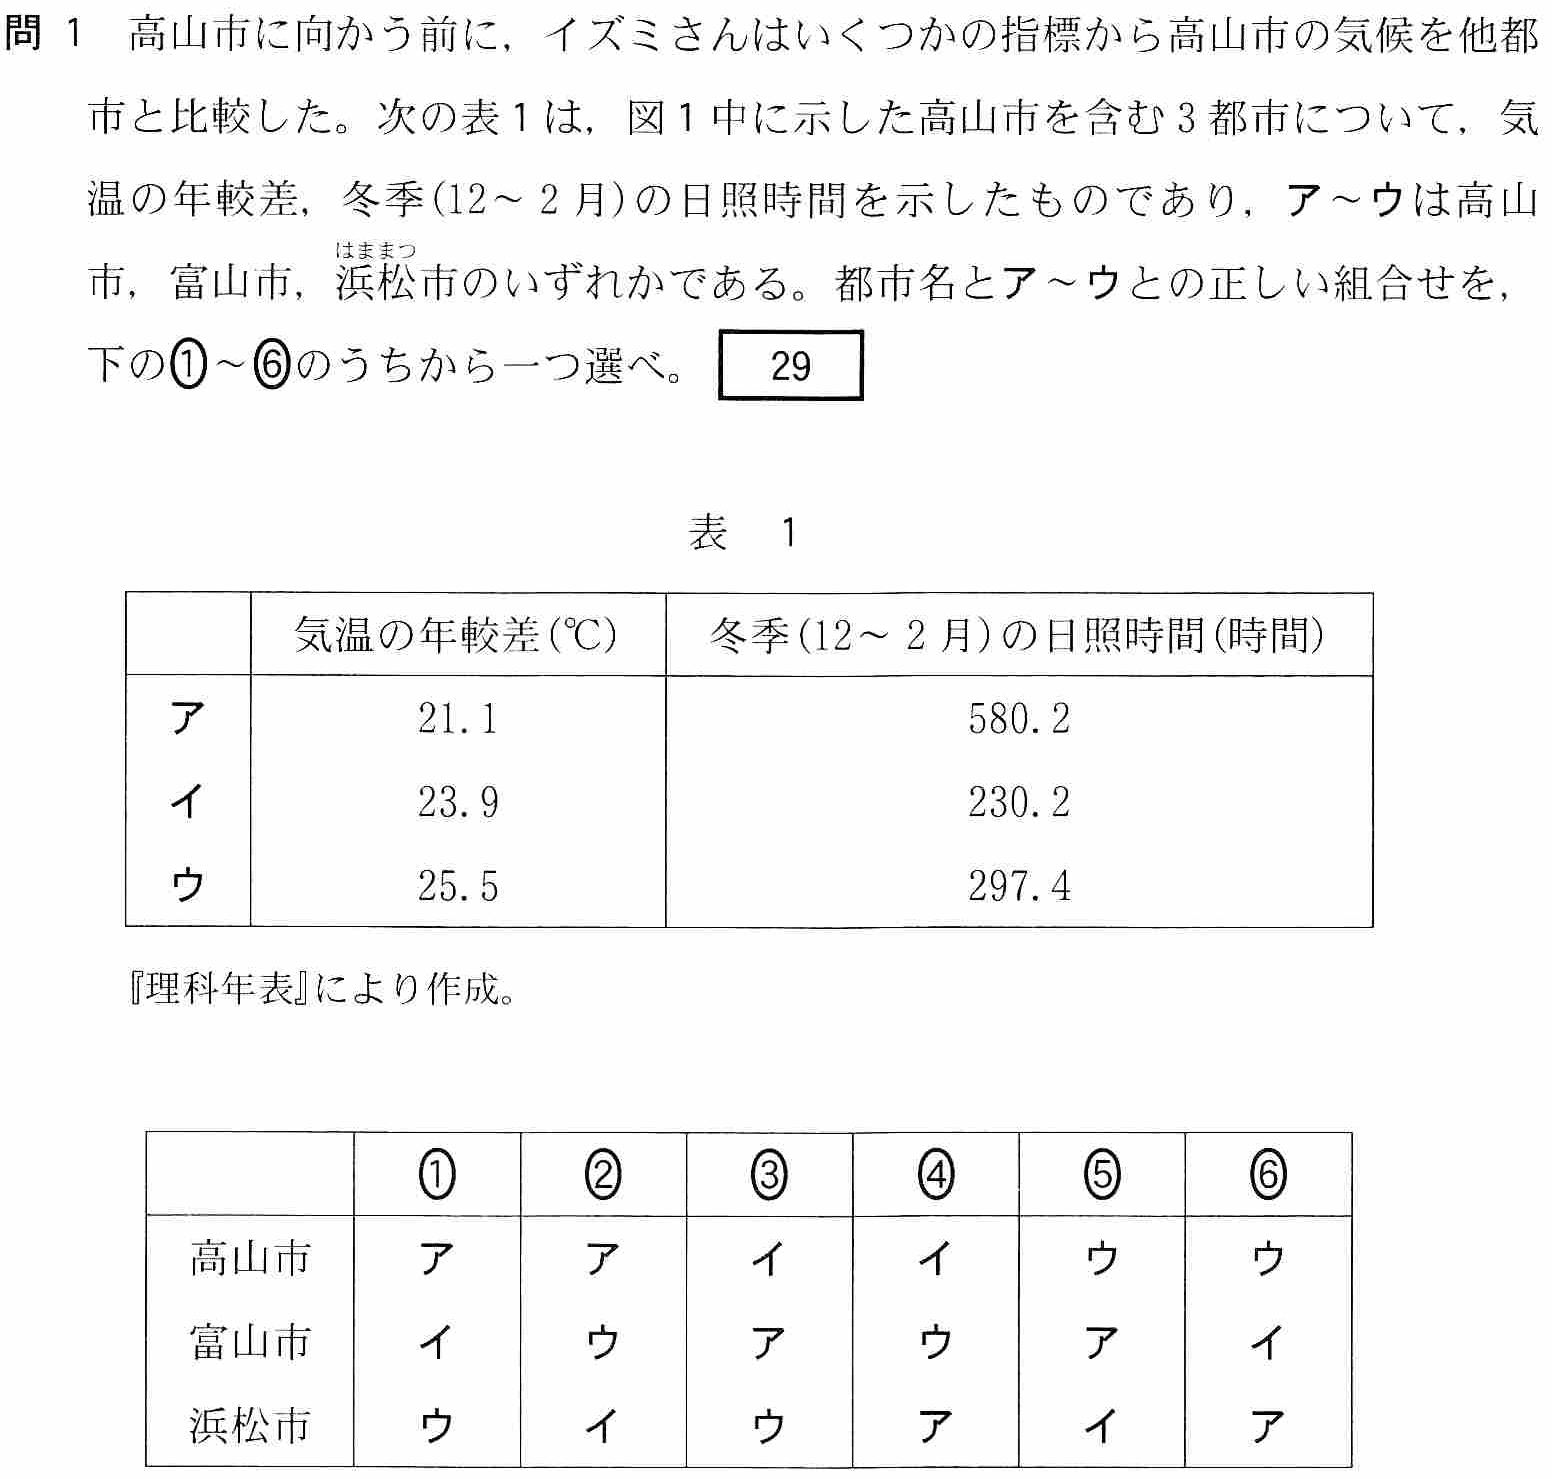 センター試験2018の富山関連問題(地理AB)2